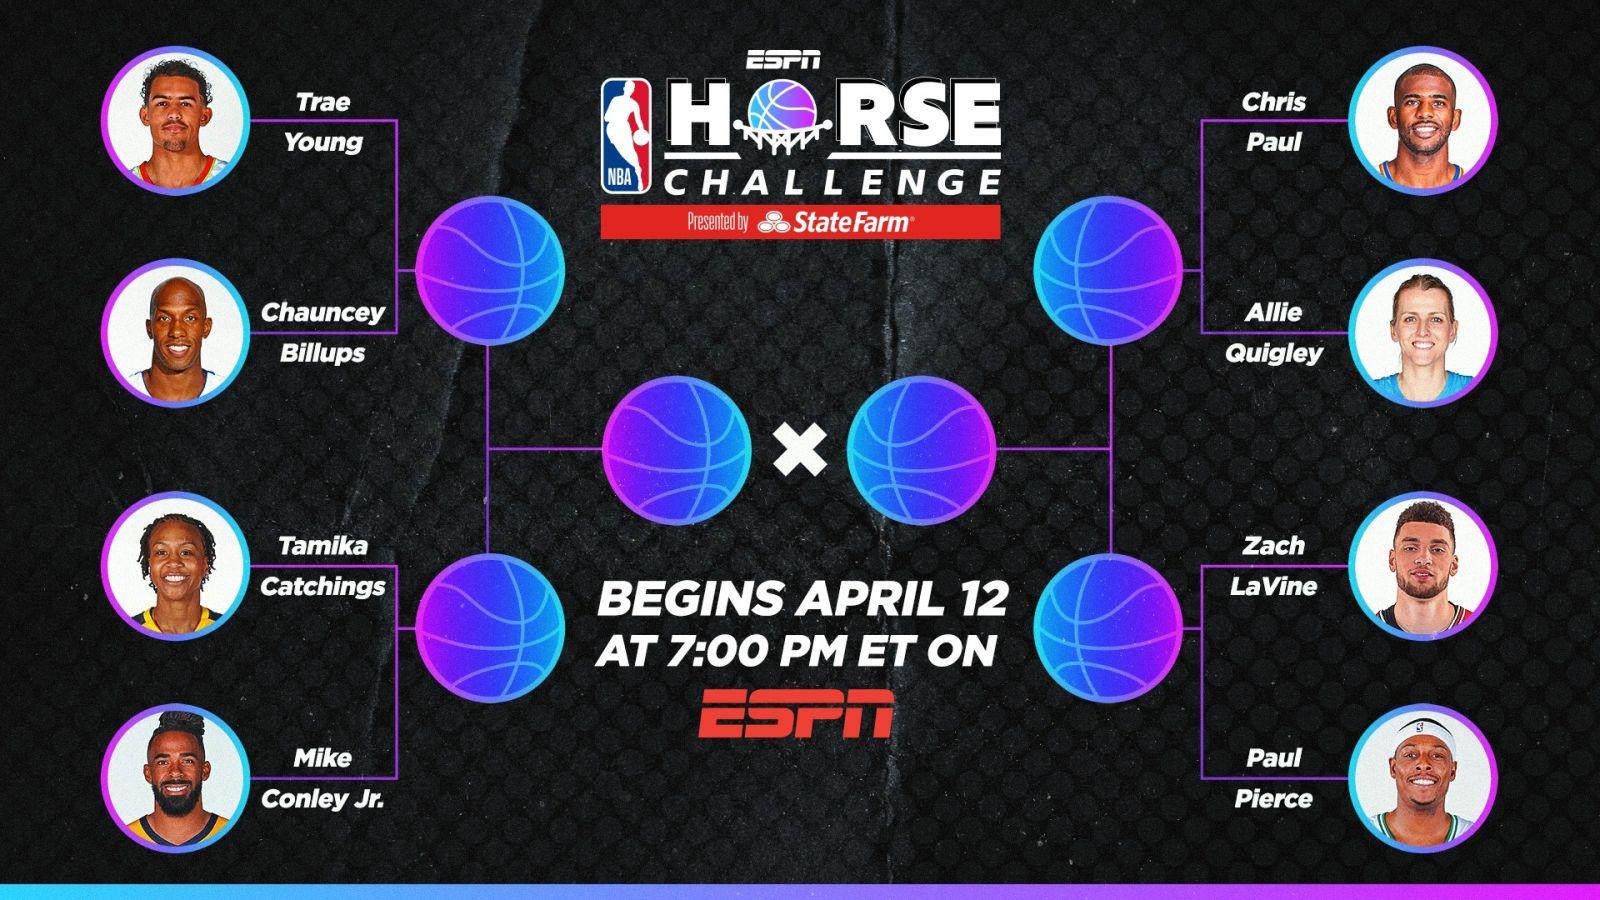 NBA官方宣布HORSE比赛的具体对阵情况